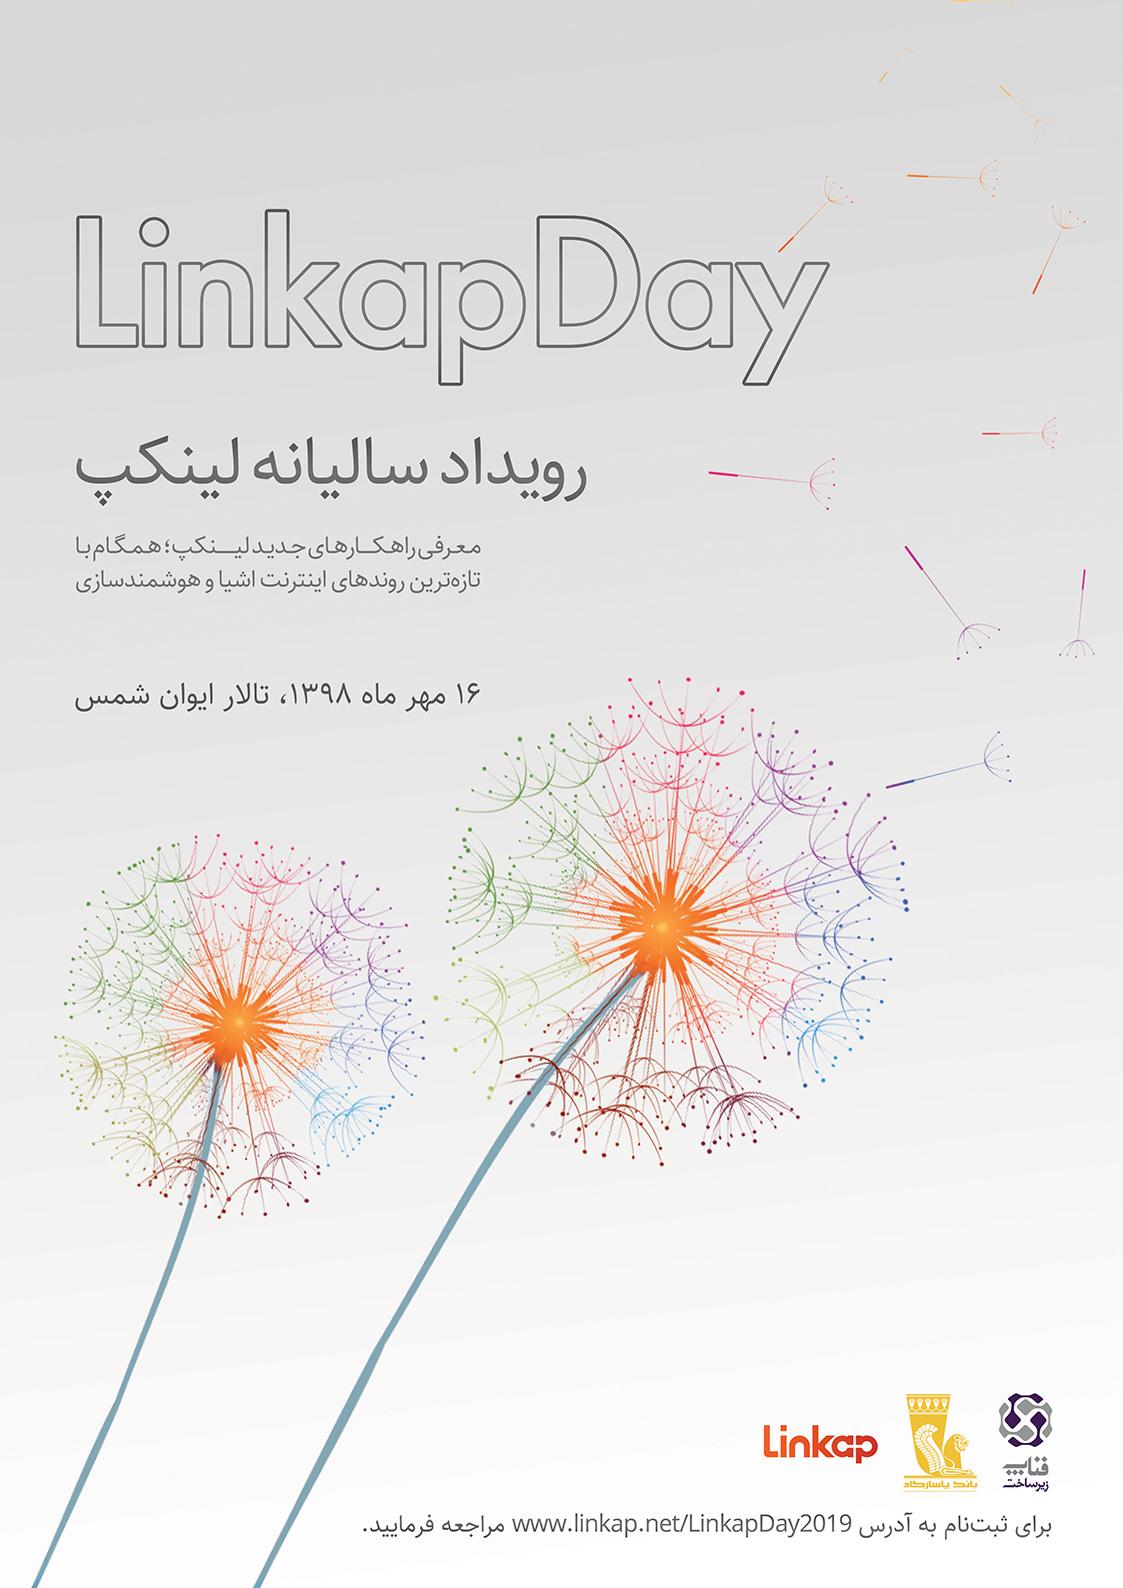 پوستر رویداد لینکپدی